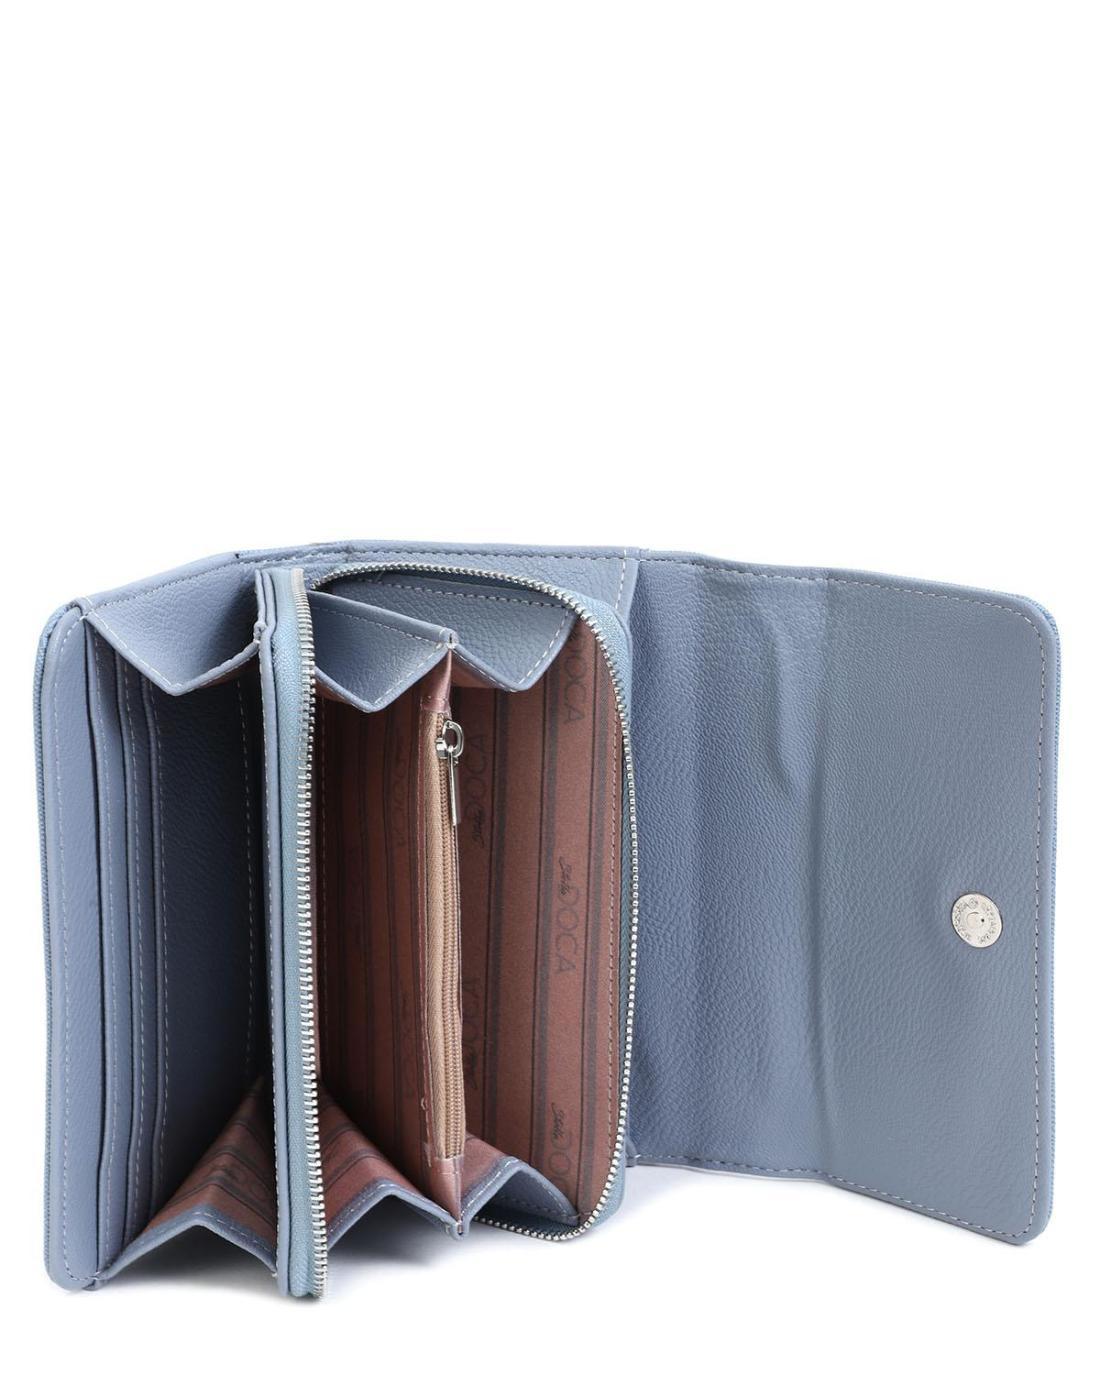 Hellblau portemonnaie